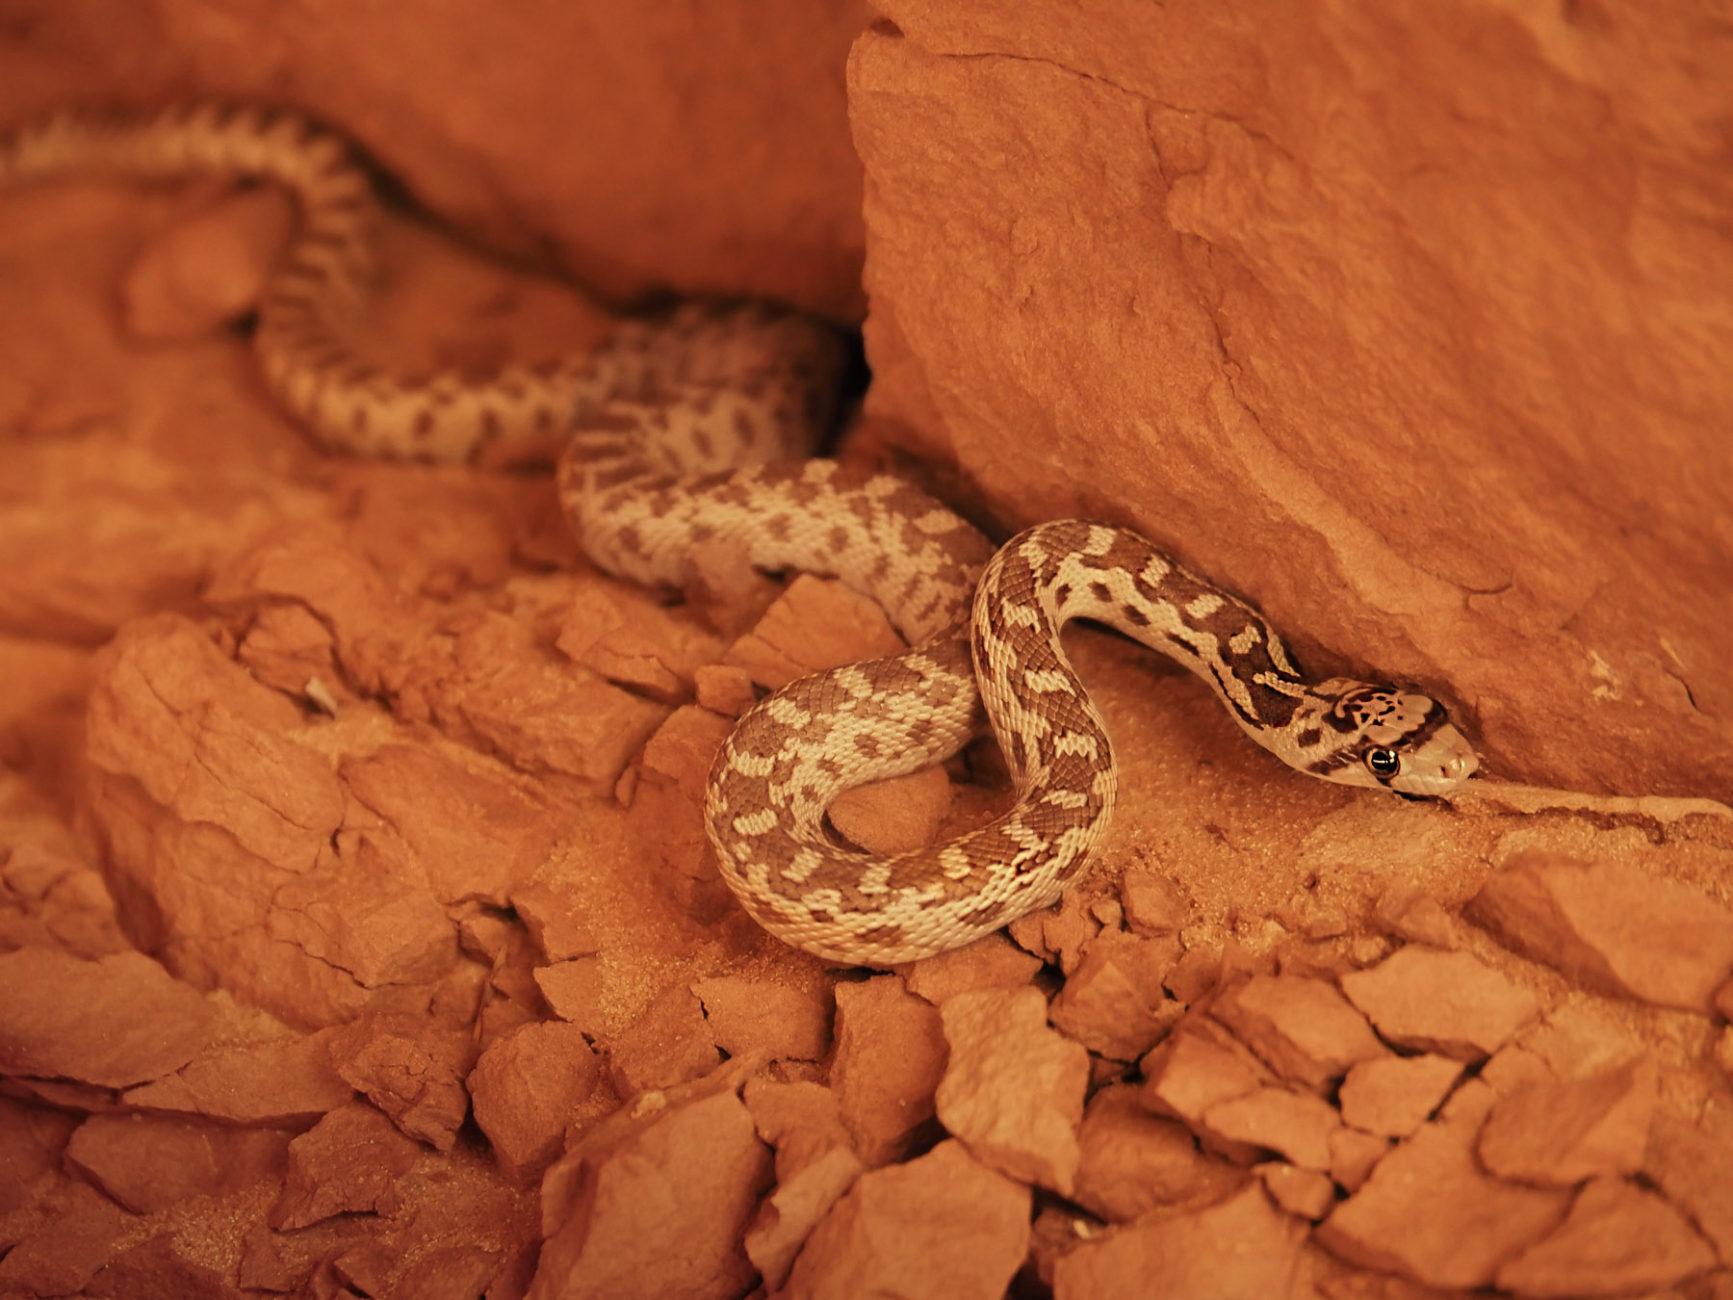 Georg entdeckt eine kleine Schlange